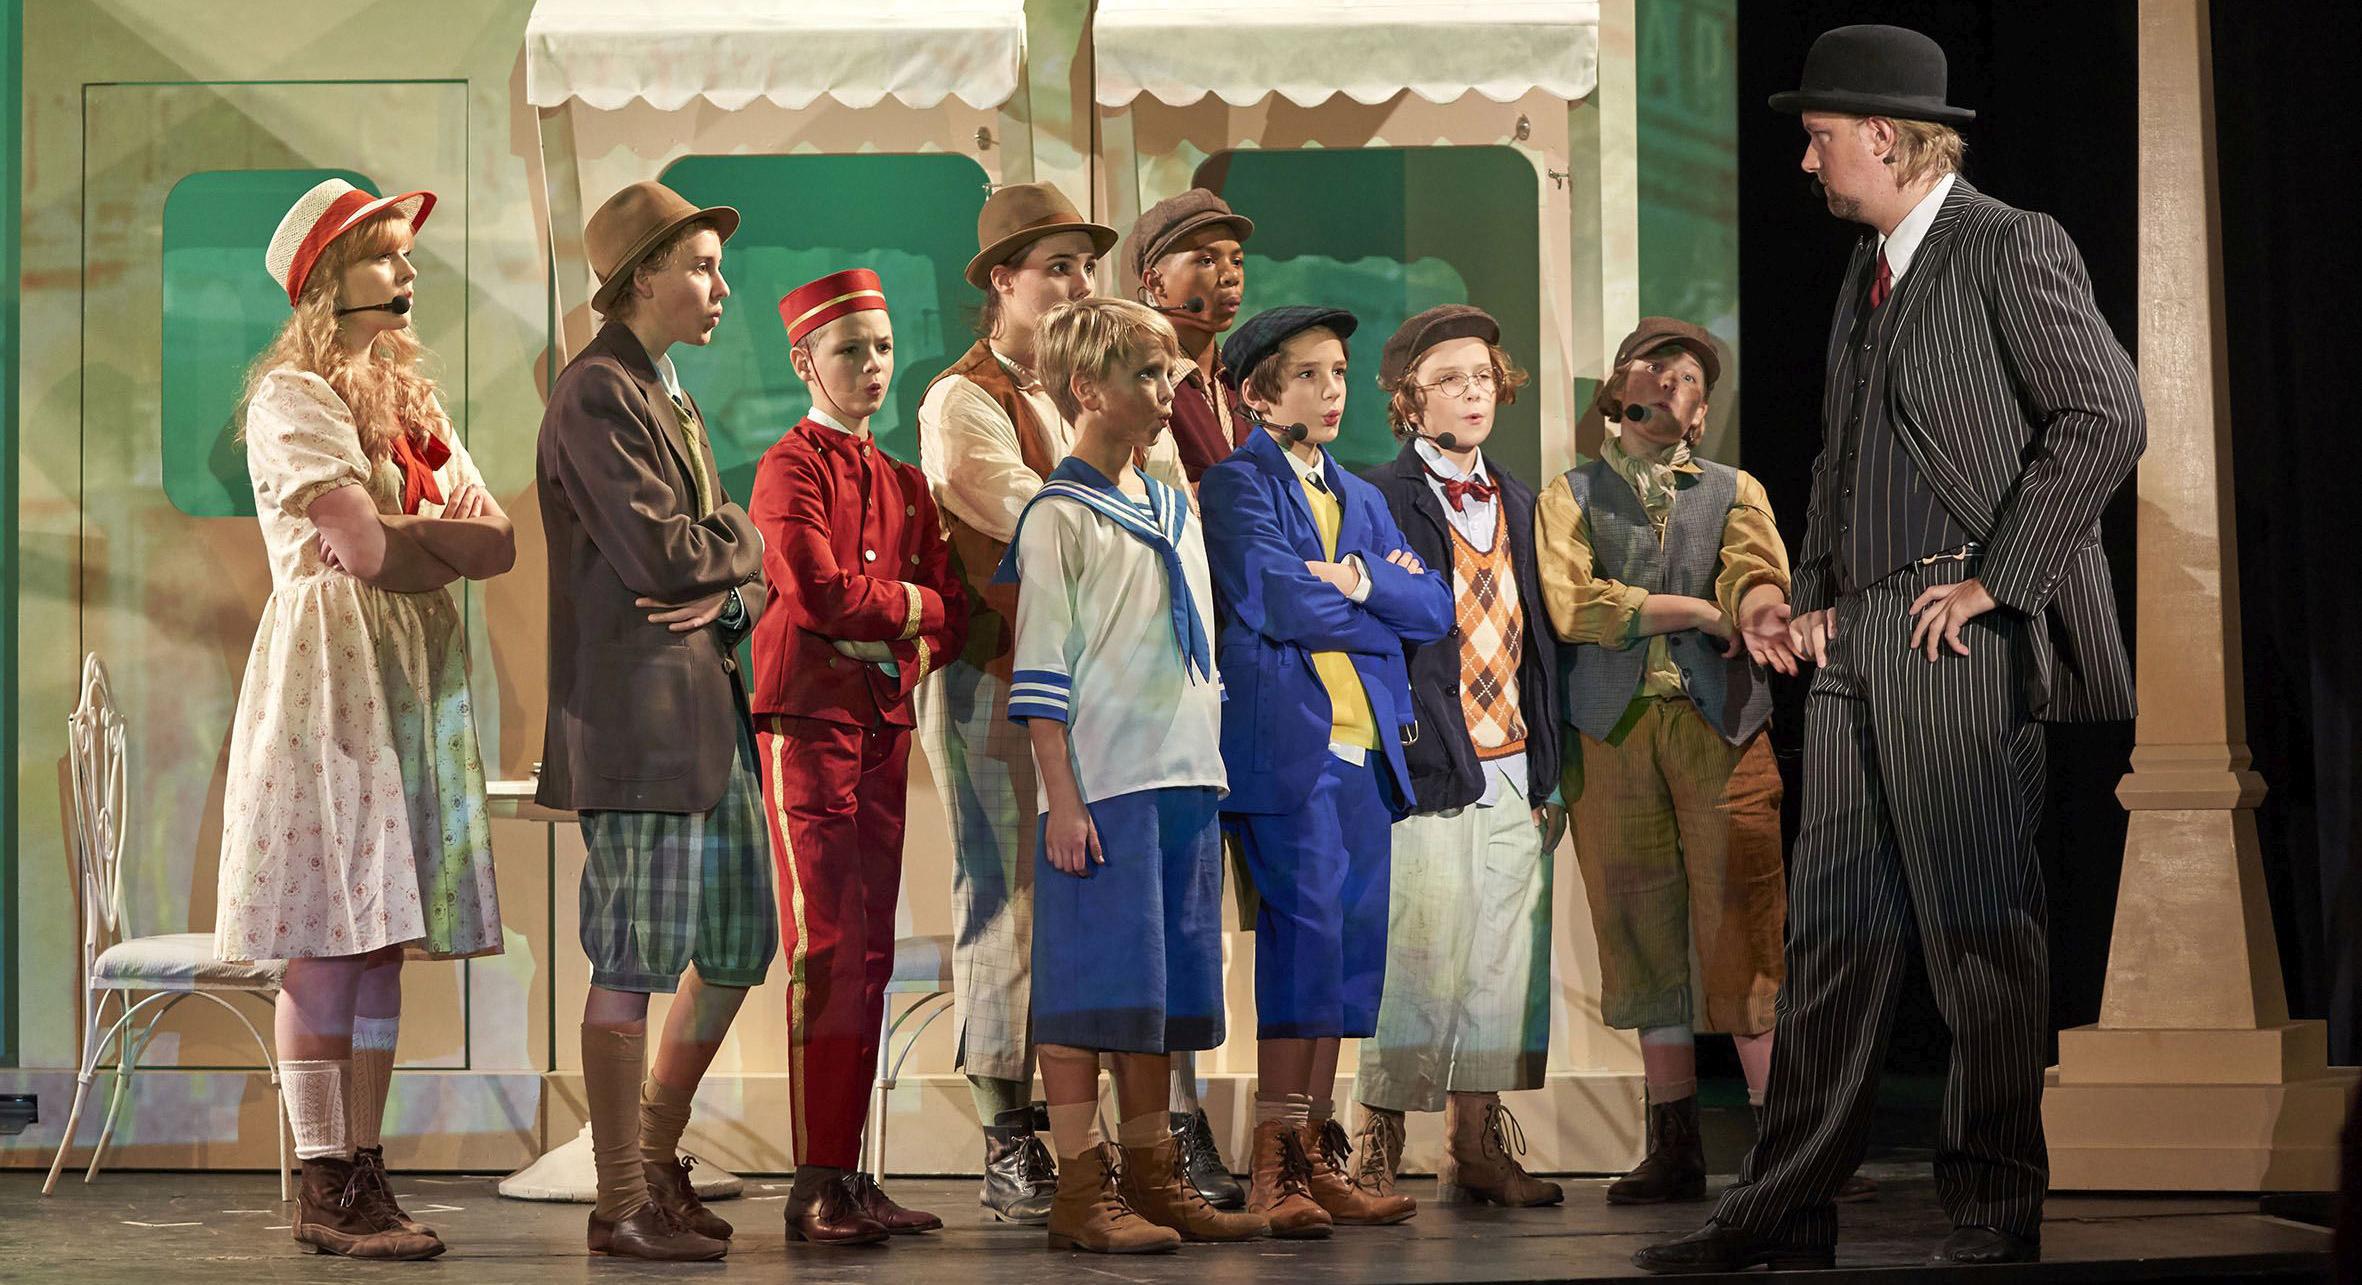 Das Bild zeigt die Theatertruppe, die Emil & die Detektive spielt